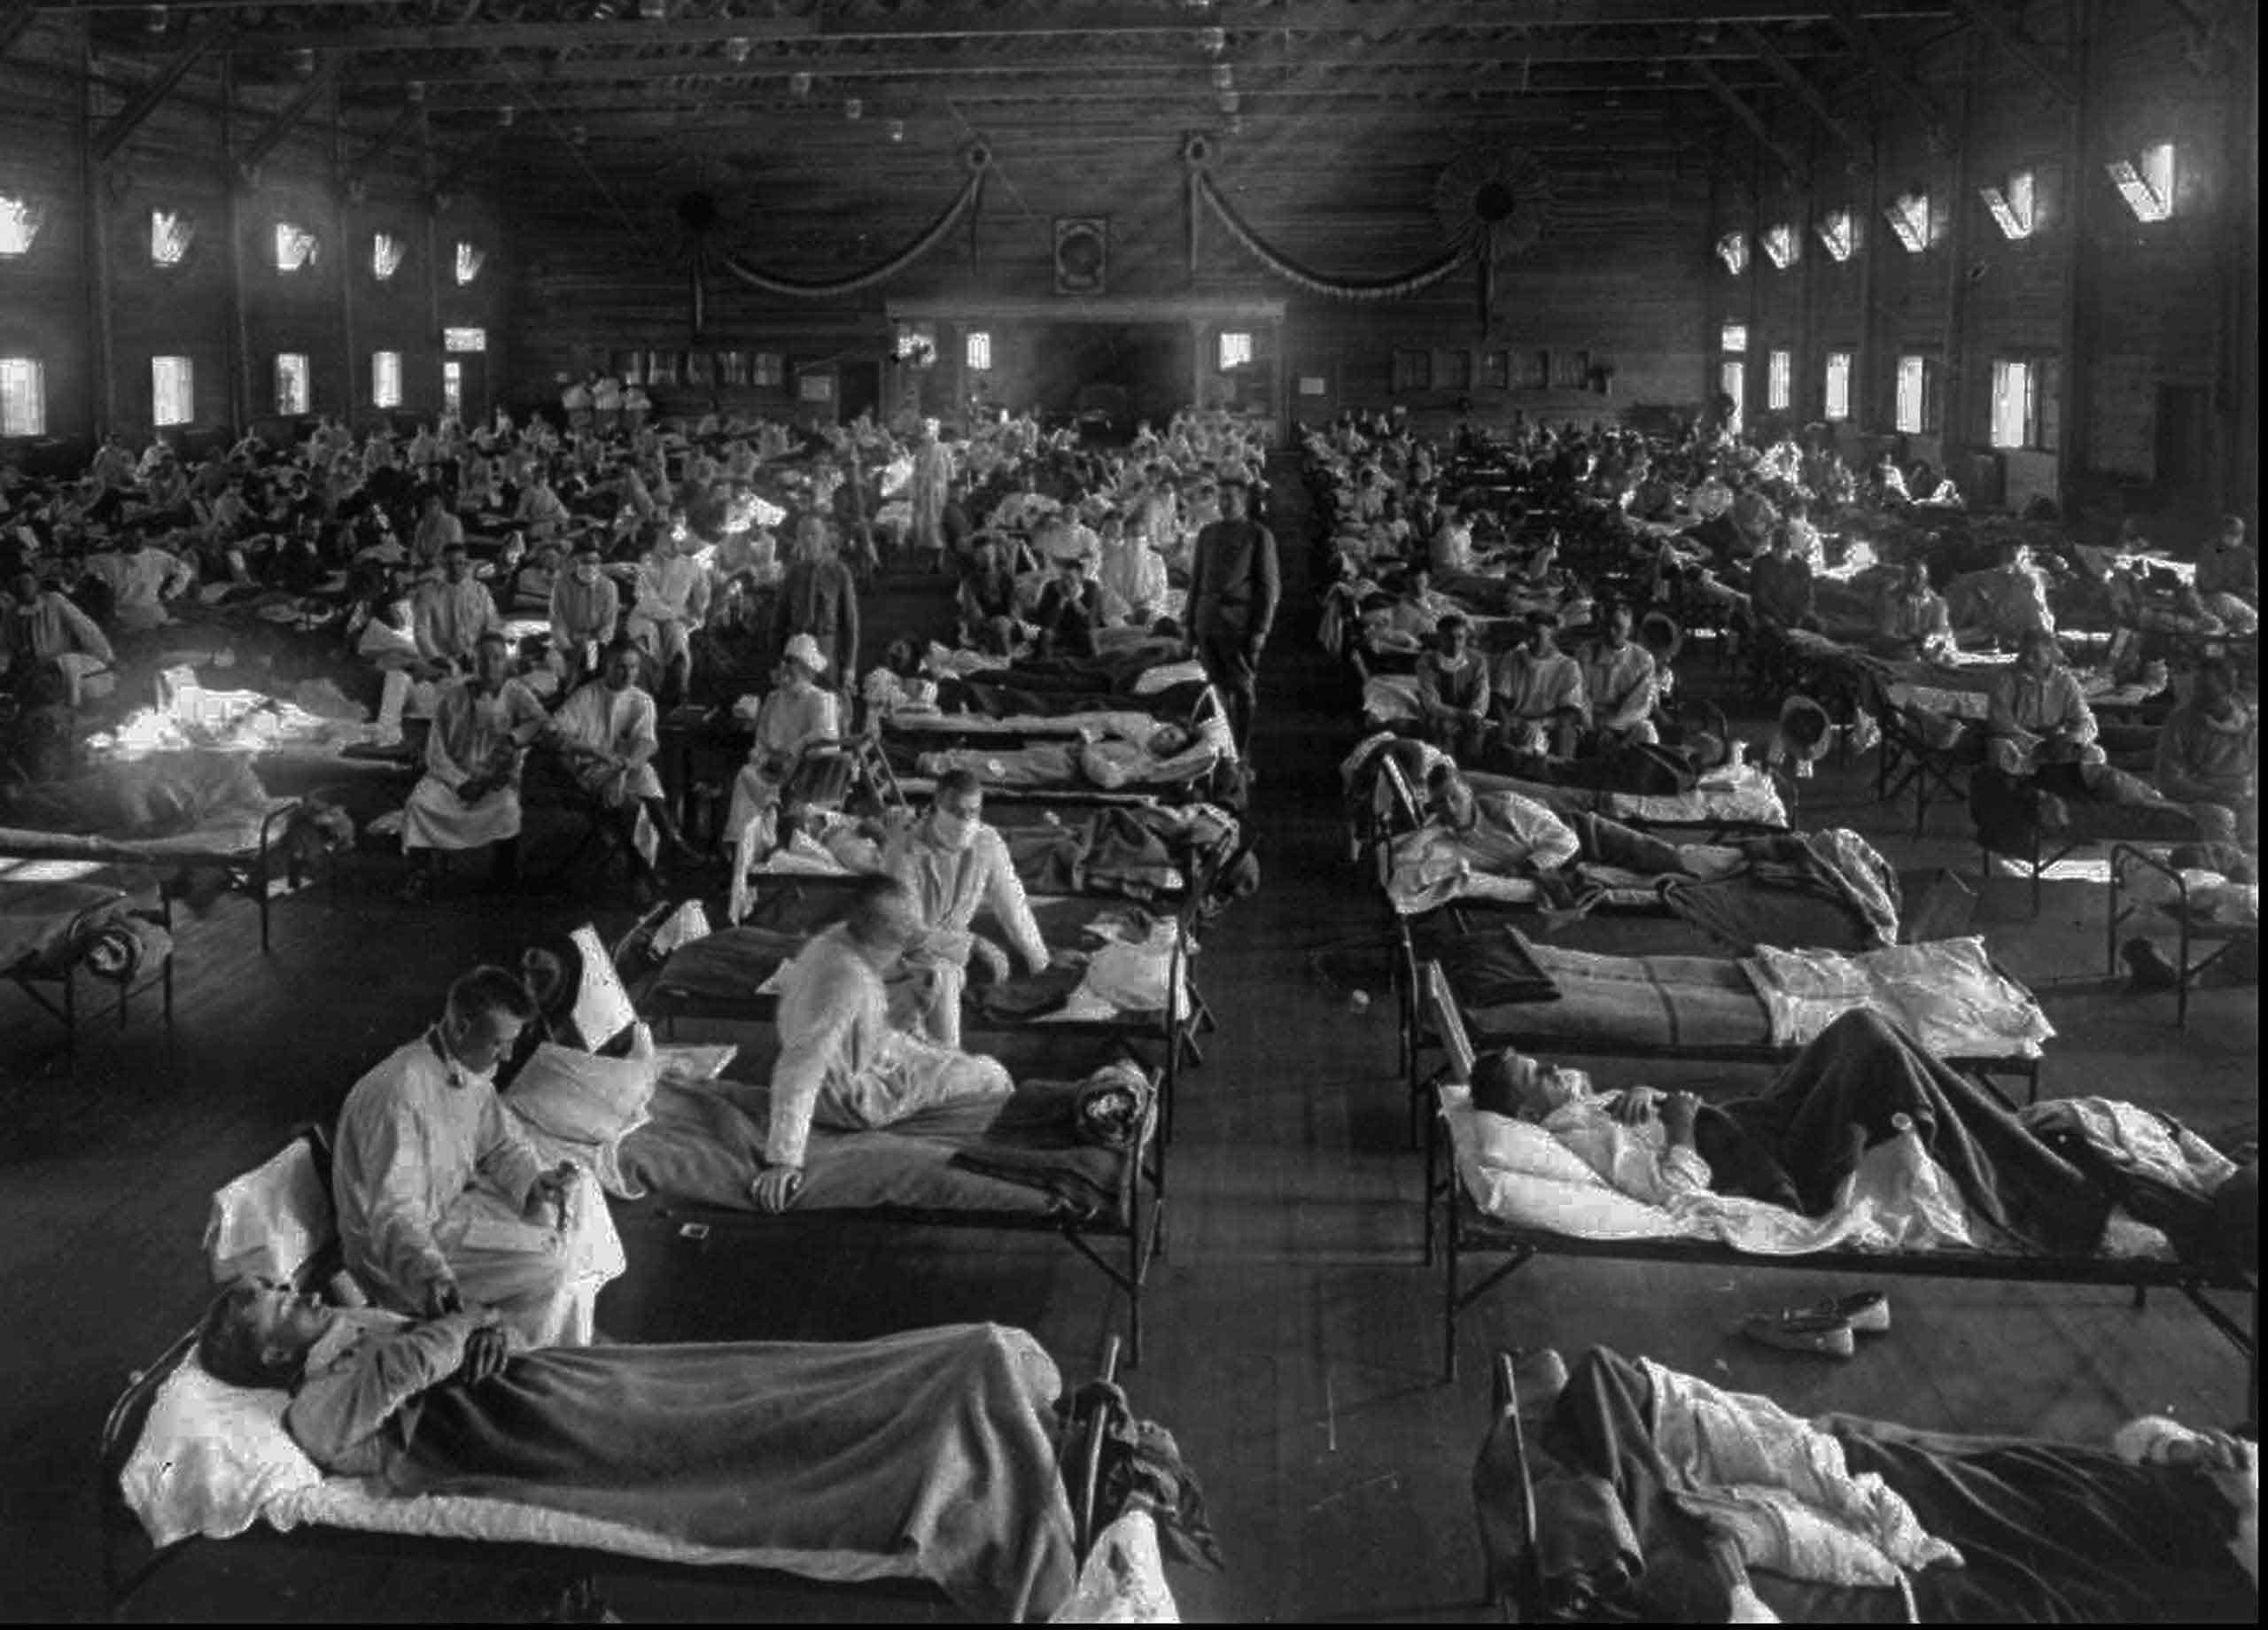 Enfermos de gripe española en un hospital de emergencia levantado en Fort Riley, Kansas, EEUU.